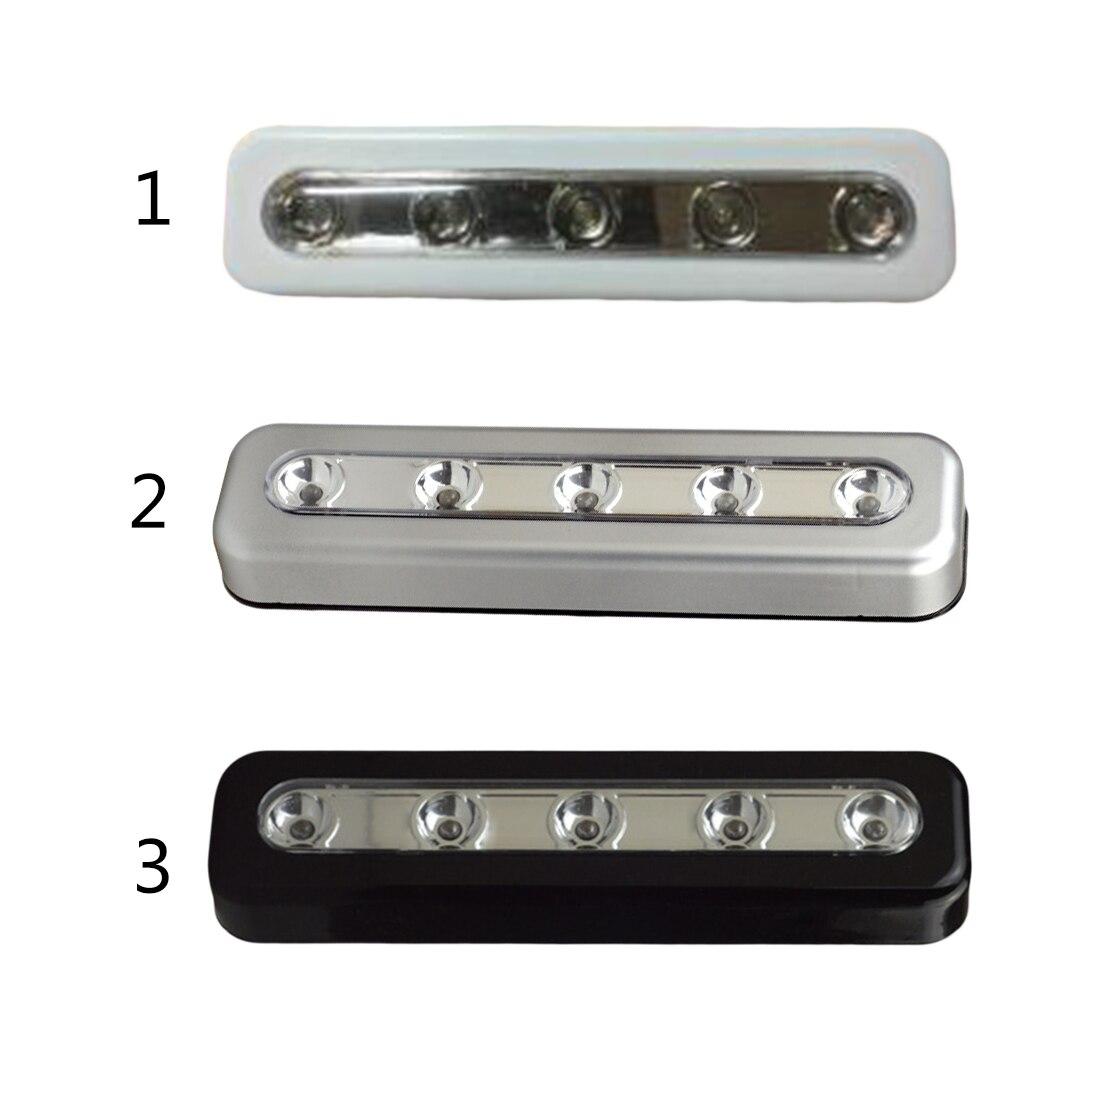 Mini Drahtlose Wandleuchte Schrank Lampe 5 LED Nachtlicht Hause ...